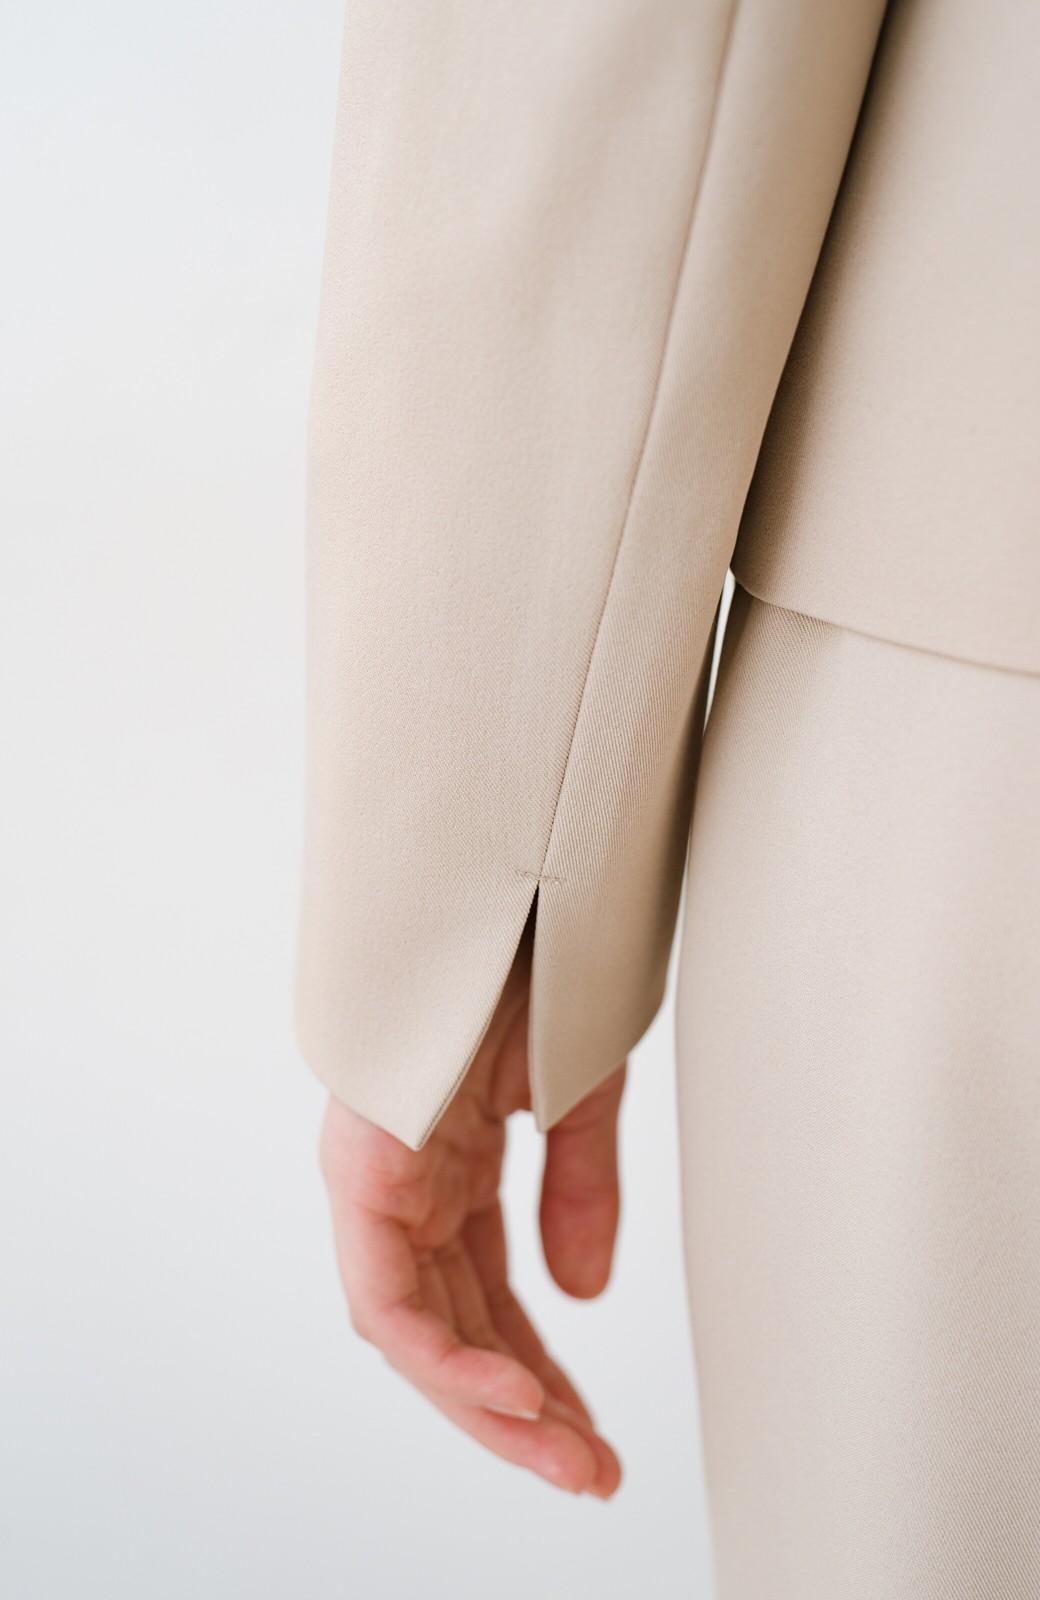 haco! いざというとき困らないための 大人のフォーマル裏地付きジャケット・パンツ2点セット by que made me <ベージュ>の商品写真19